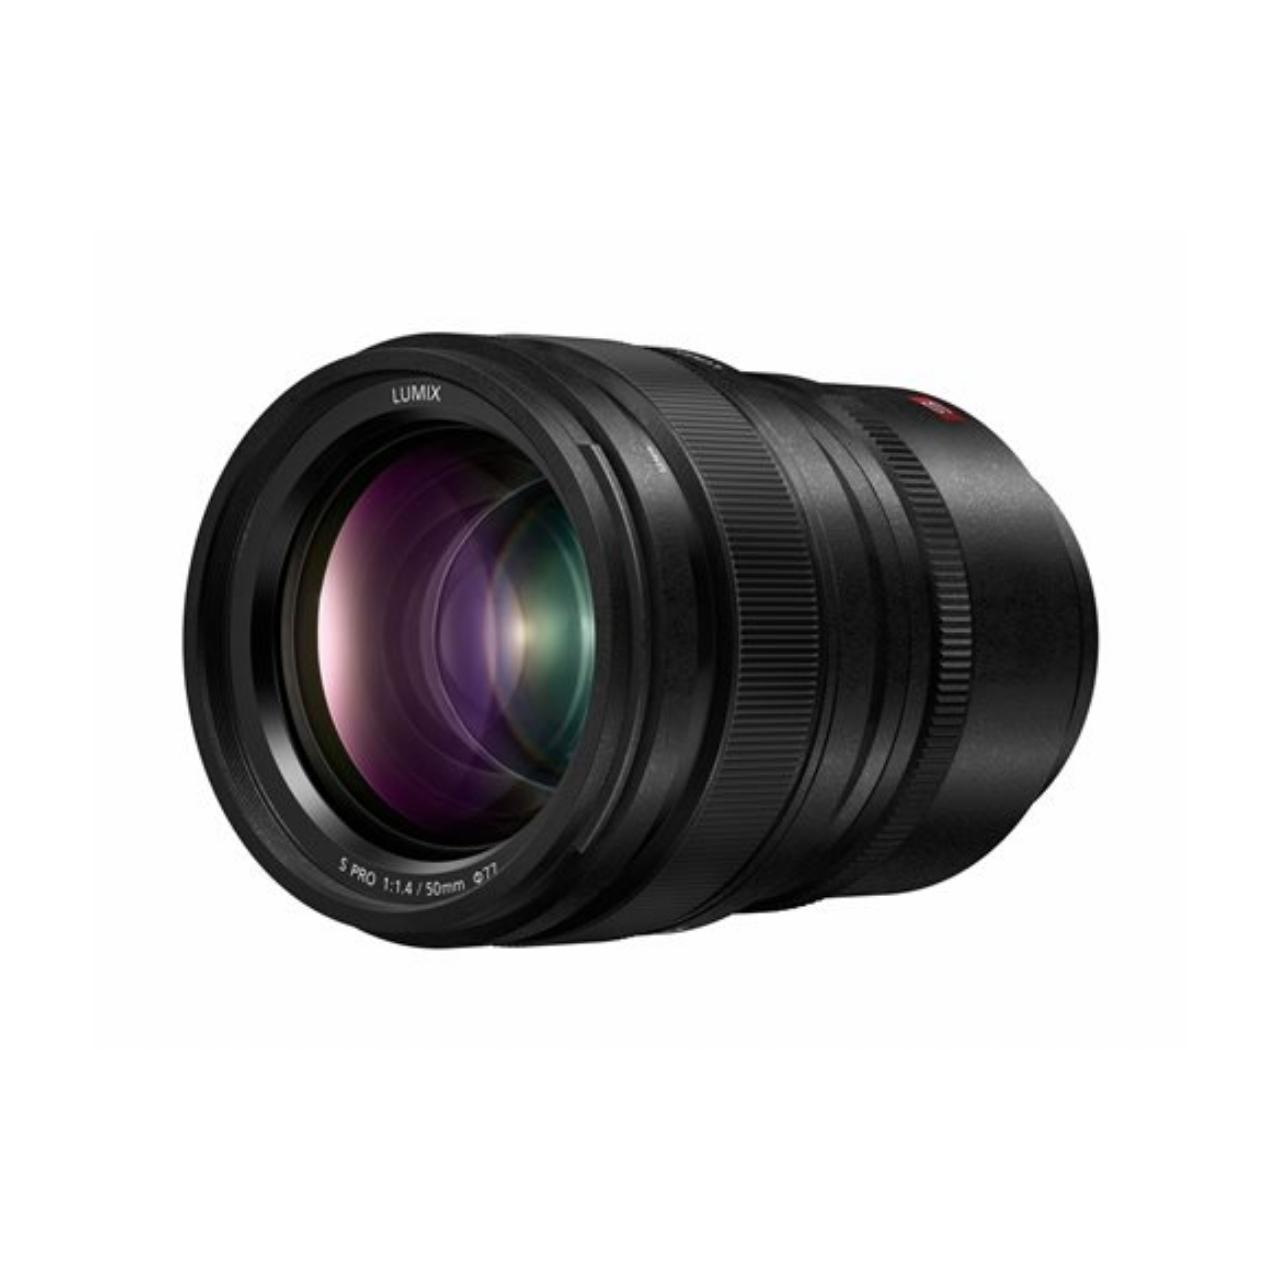 Panasonic Objetivo Lumix S 50mm f/1.4 Pro